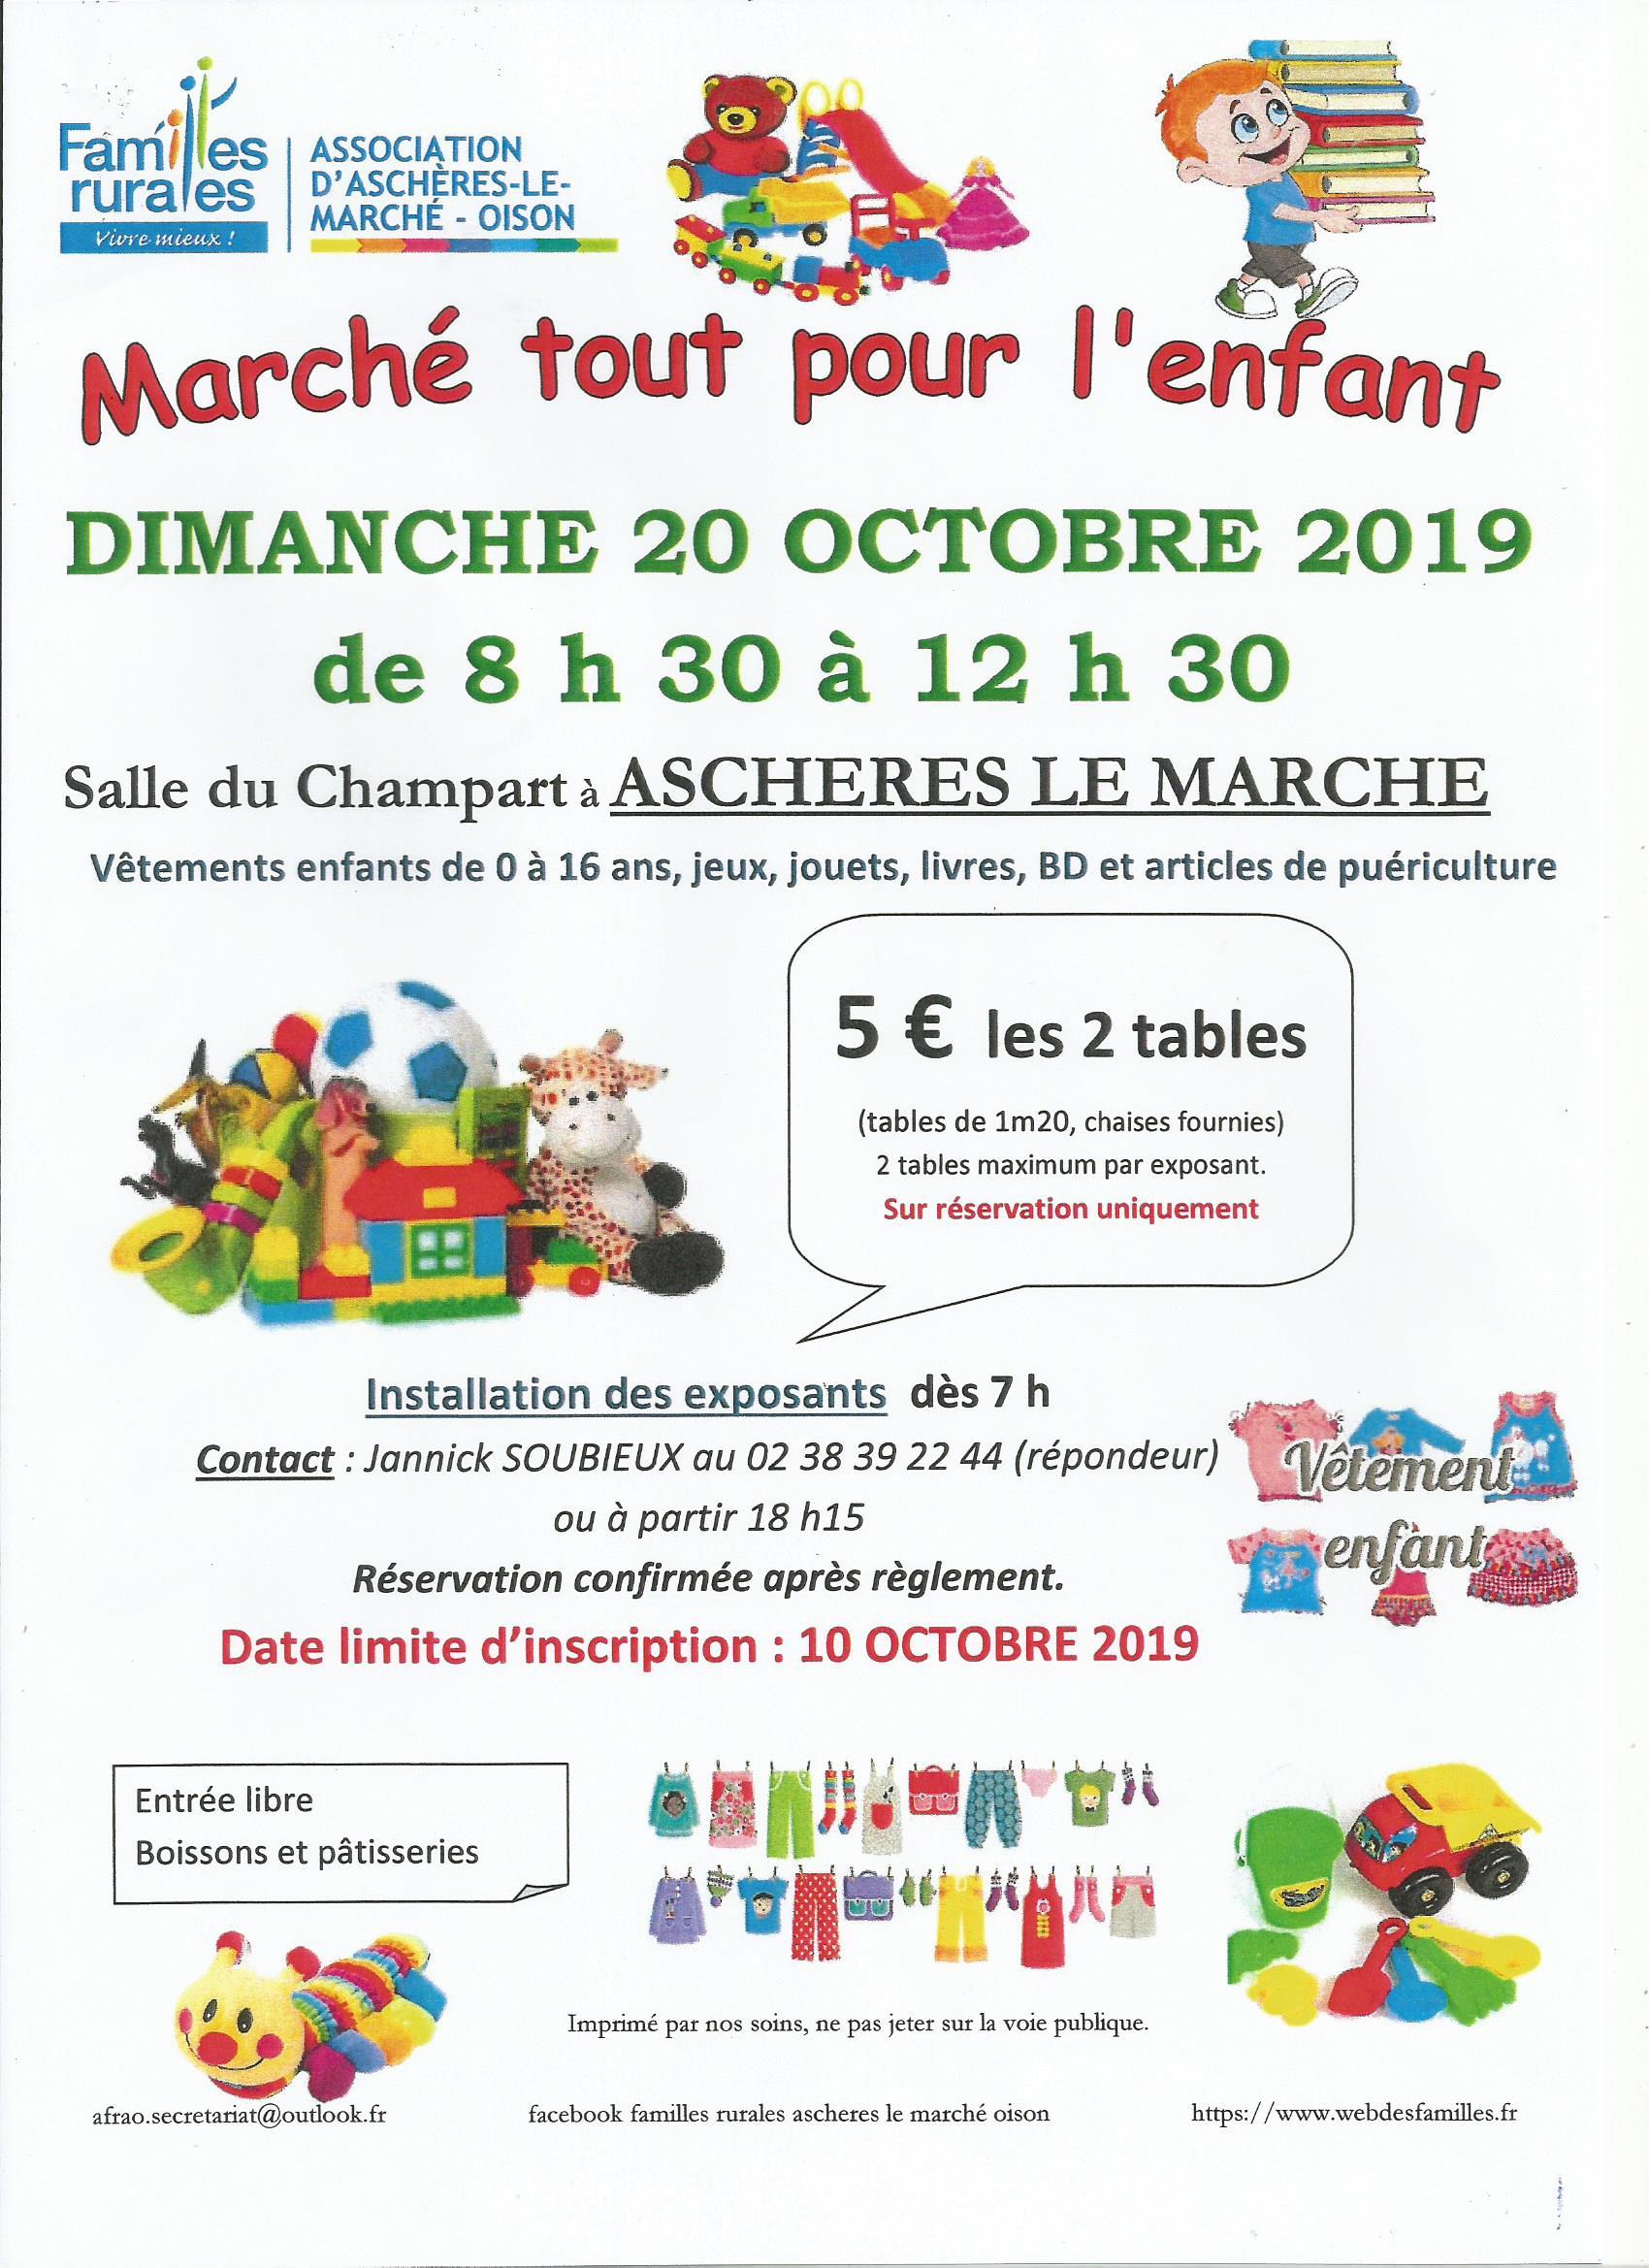 """Familles rurales Aschères le Marché - Oison organise son marché tout pour l""""enfant"""